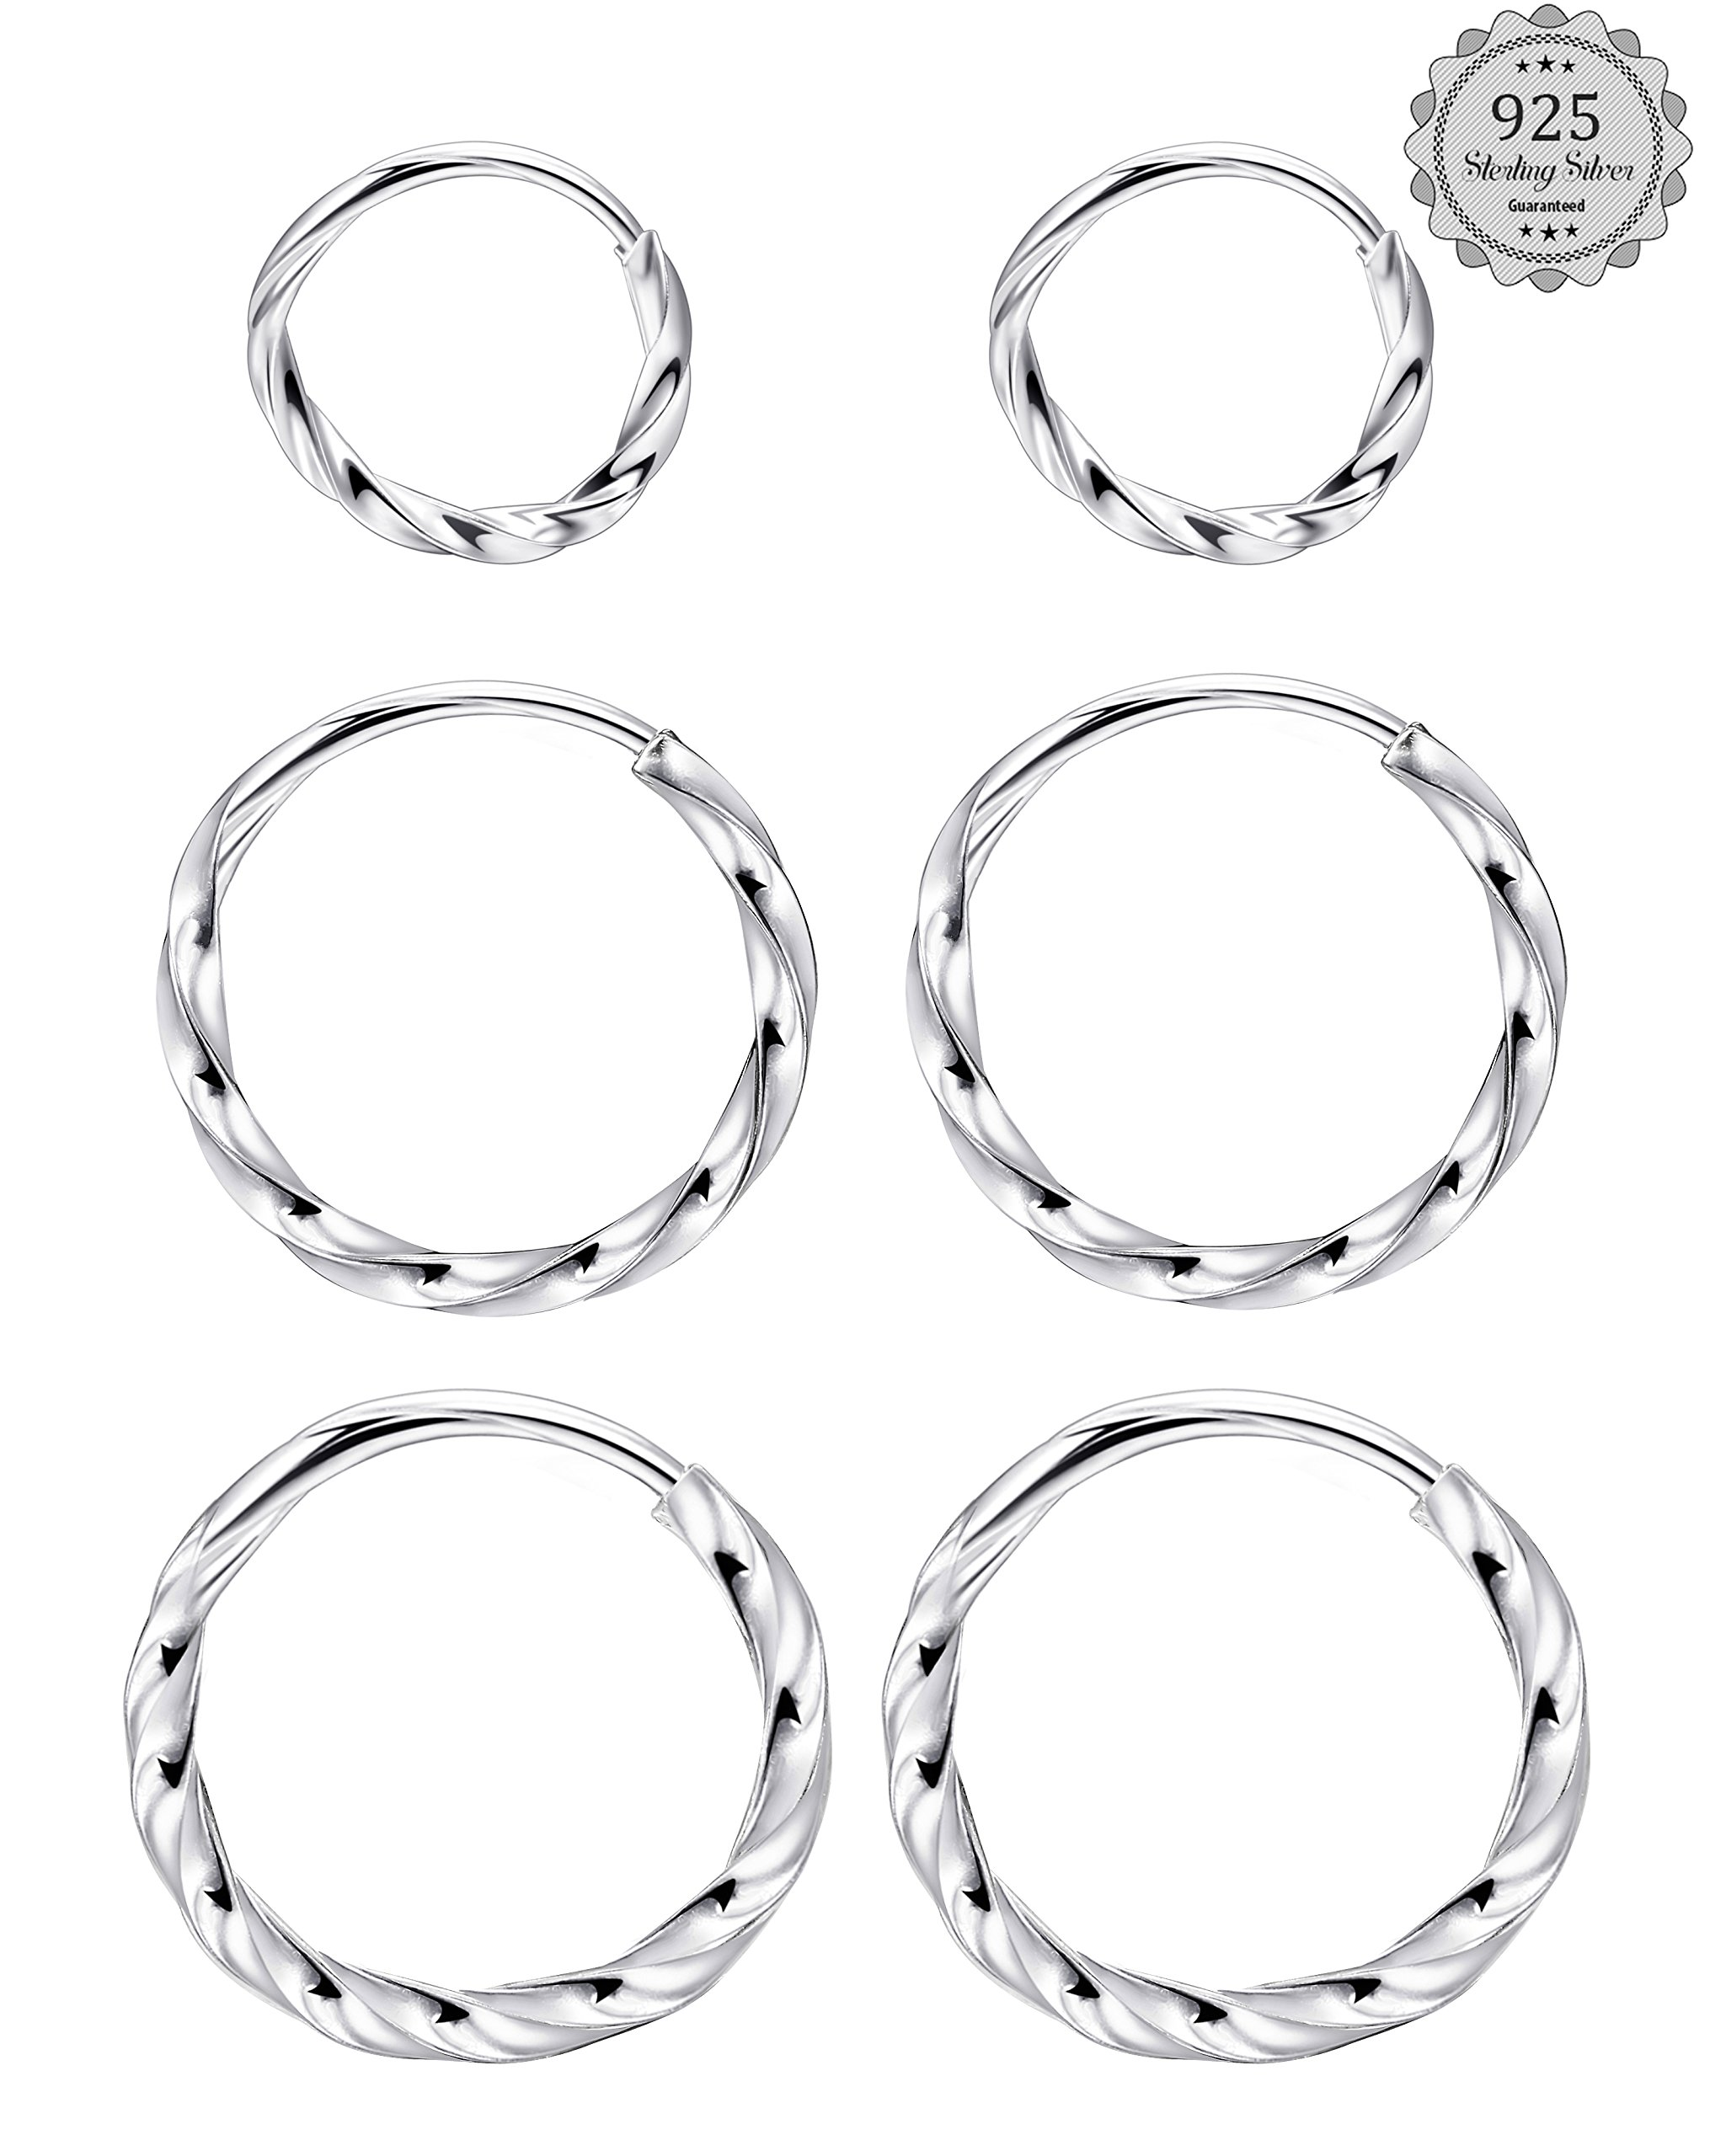 LOYALLOOK Sterling Silver Small Hoop Earrings Cartilage Thin Lightweight Unisex Endless Hoop Earrings 3 Pairs